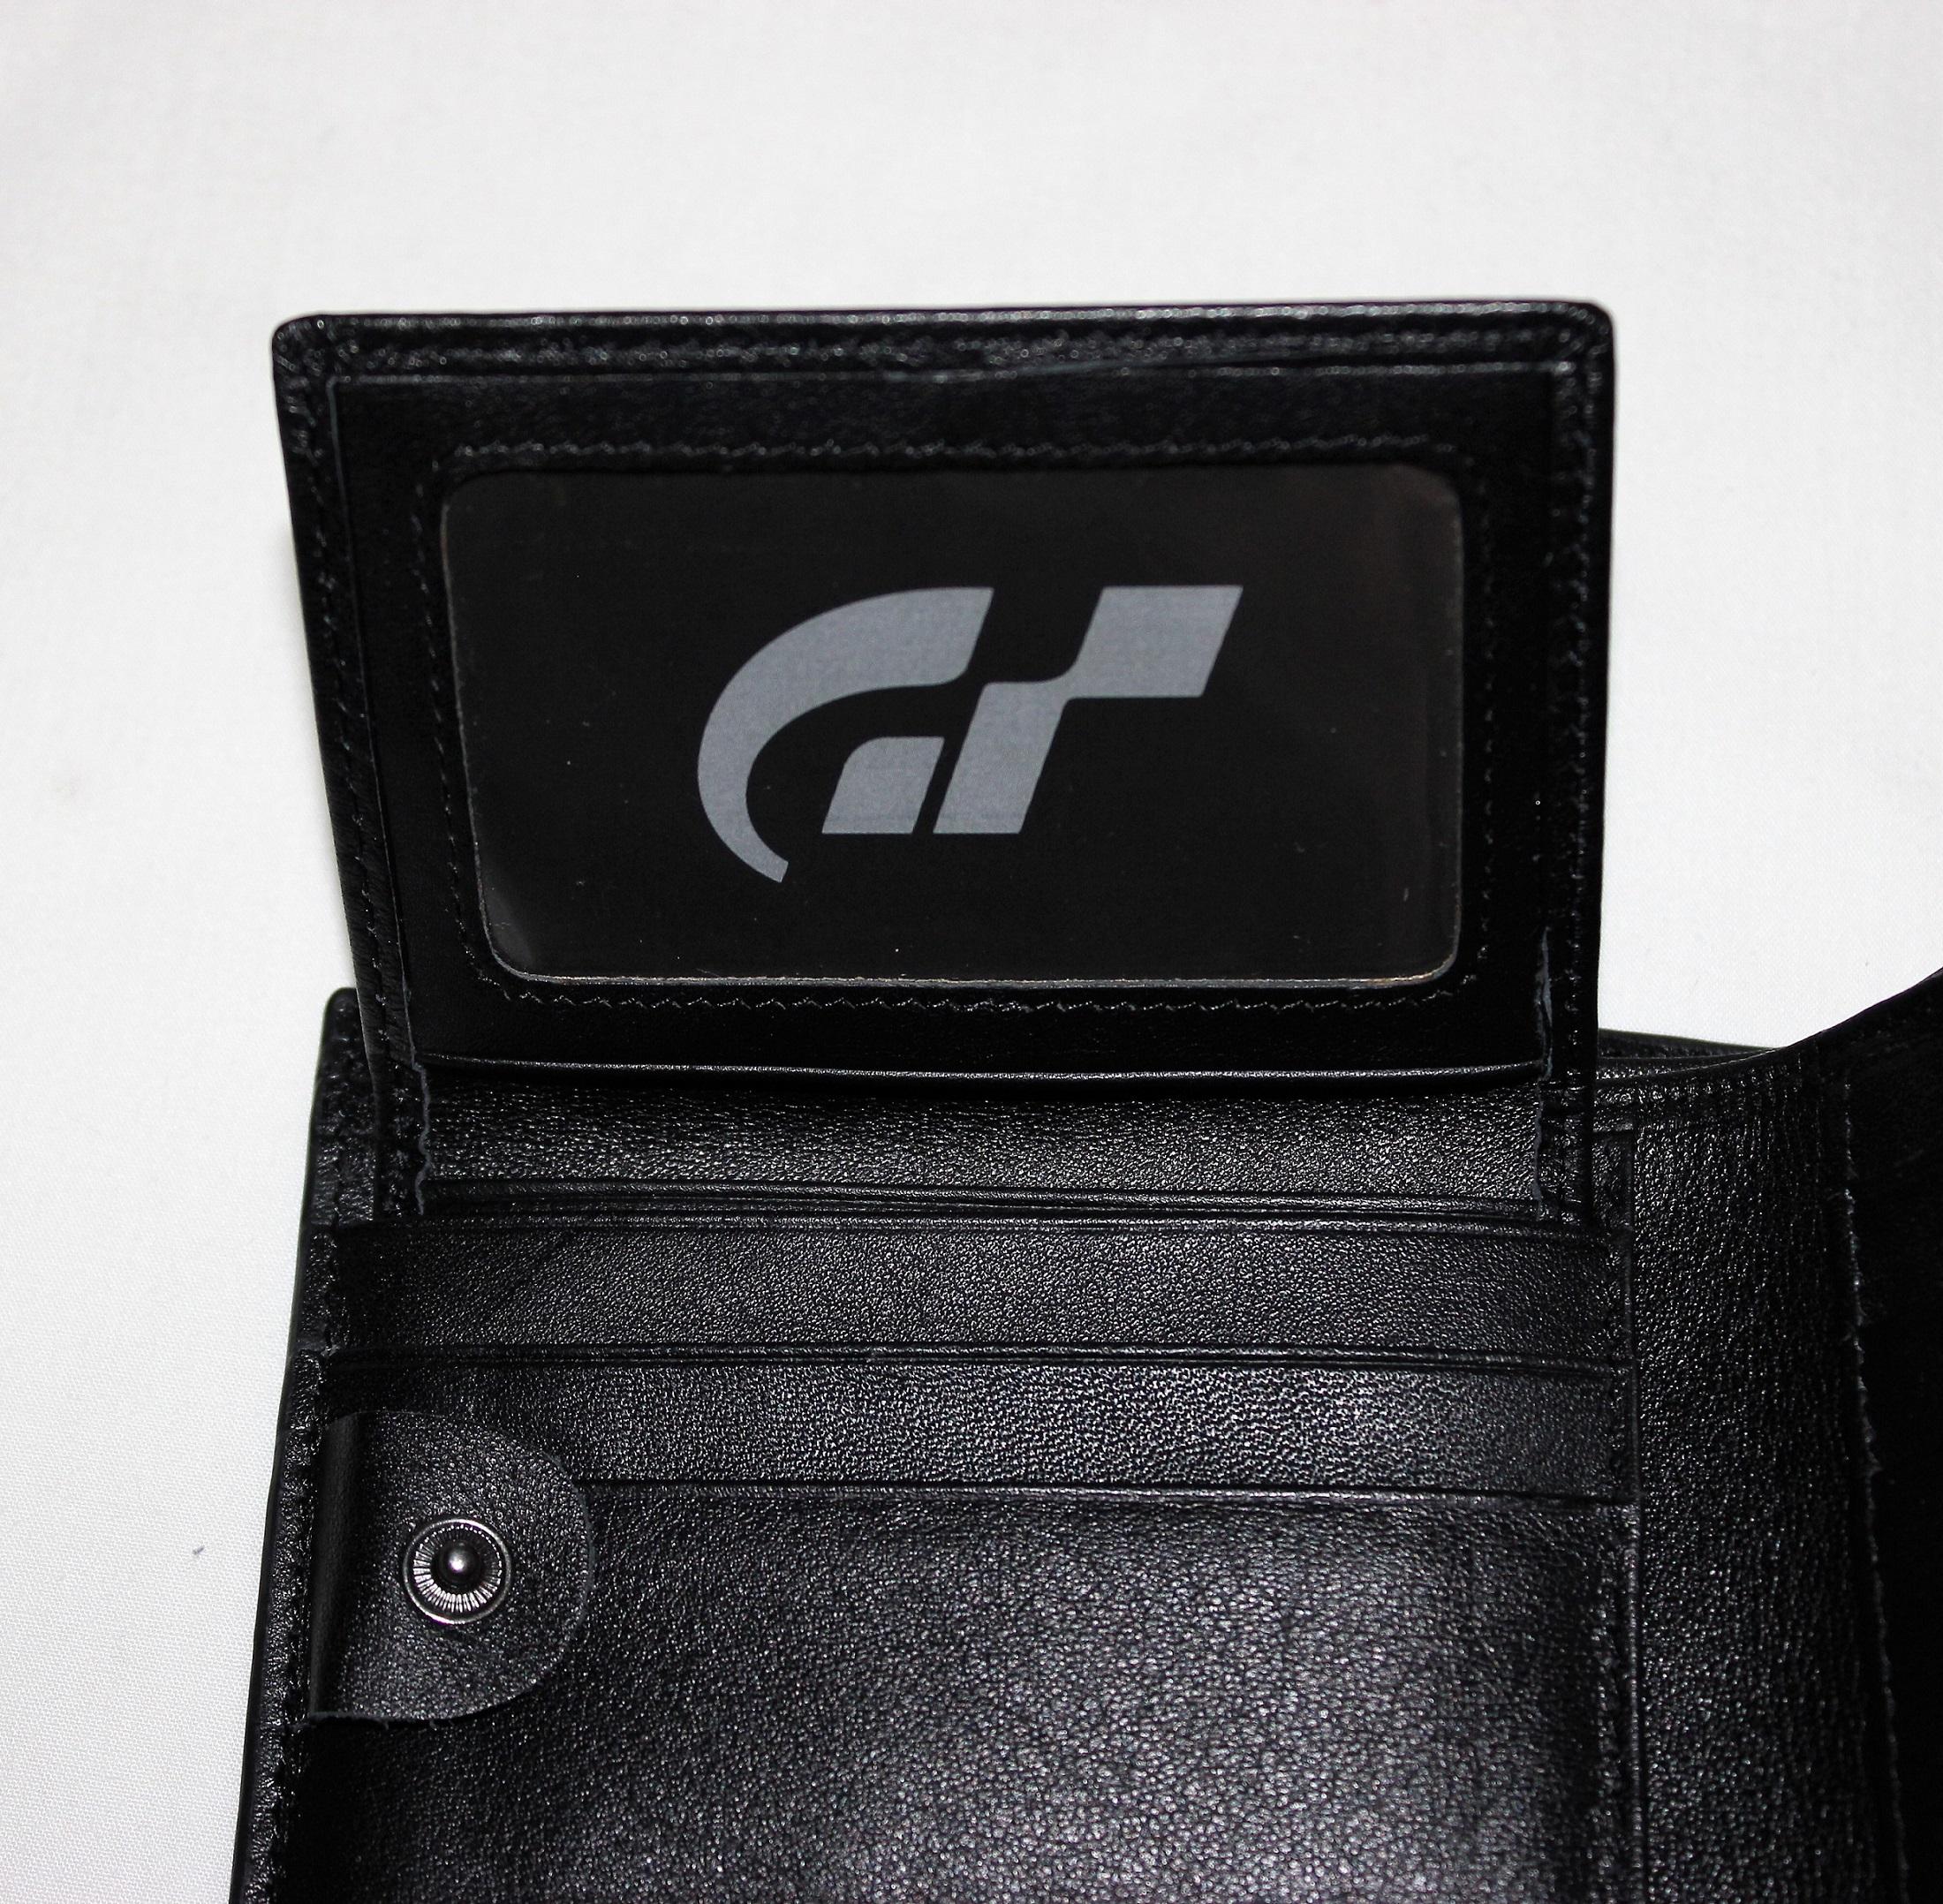 Hopp, ott is egy GT logó!